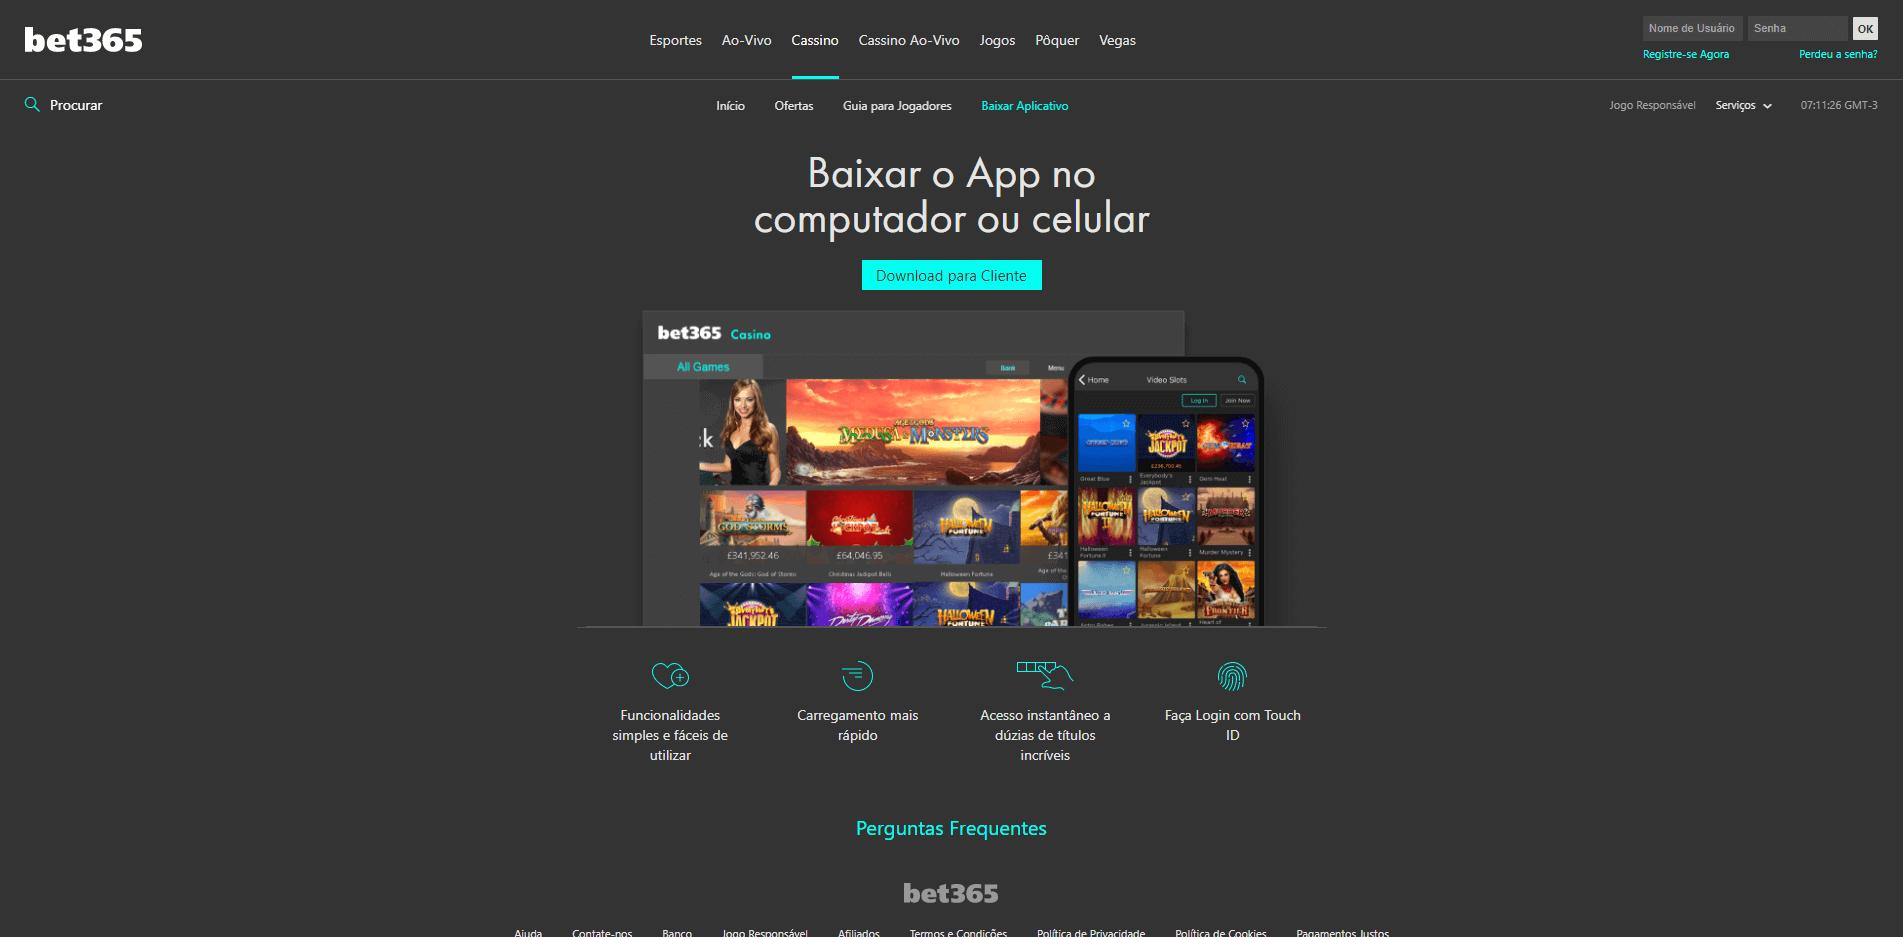 baixe a app e aproveite os jogos no bet365 cassino